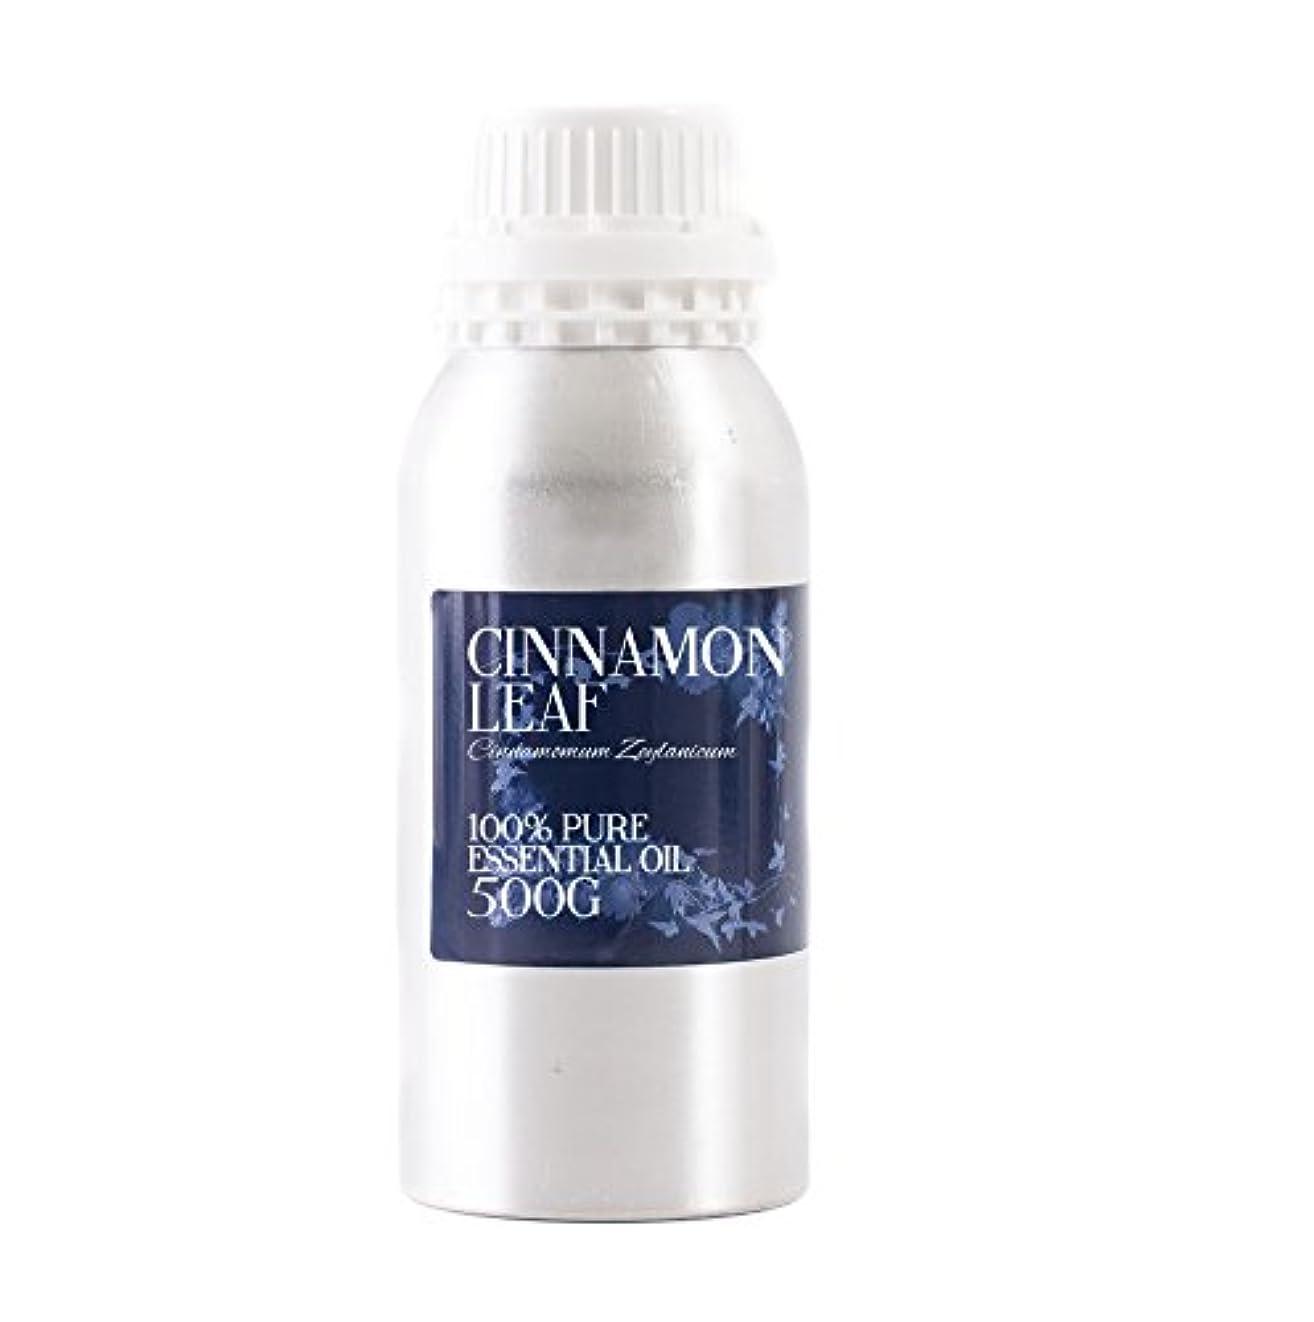 歯車非常に怒っています研磨剤Mystic Moments   Cinnamon Leaf Essential Oil - 500g - 100% Pure